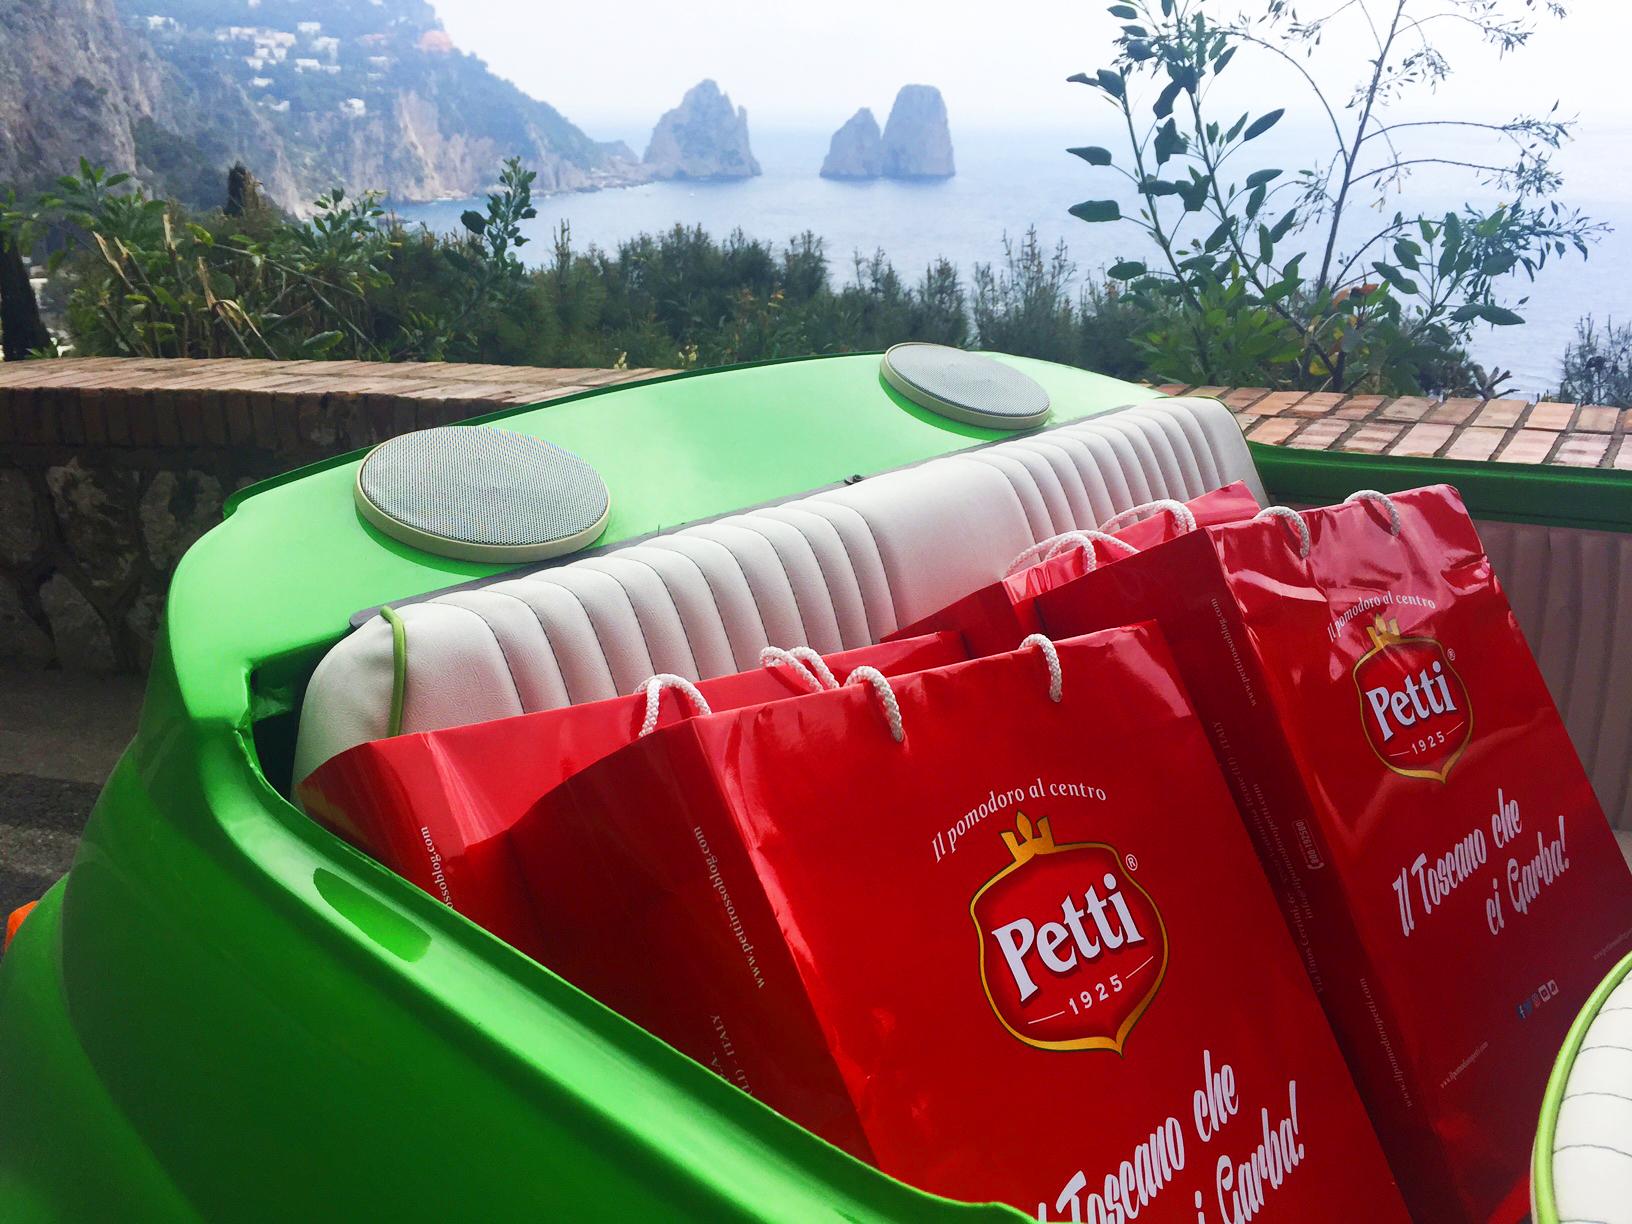 """Petti """"Il Toscano che ci Garba"""" sbarca a Capri con la linea Premium di Conserve"""